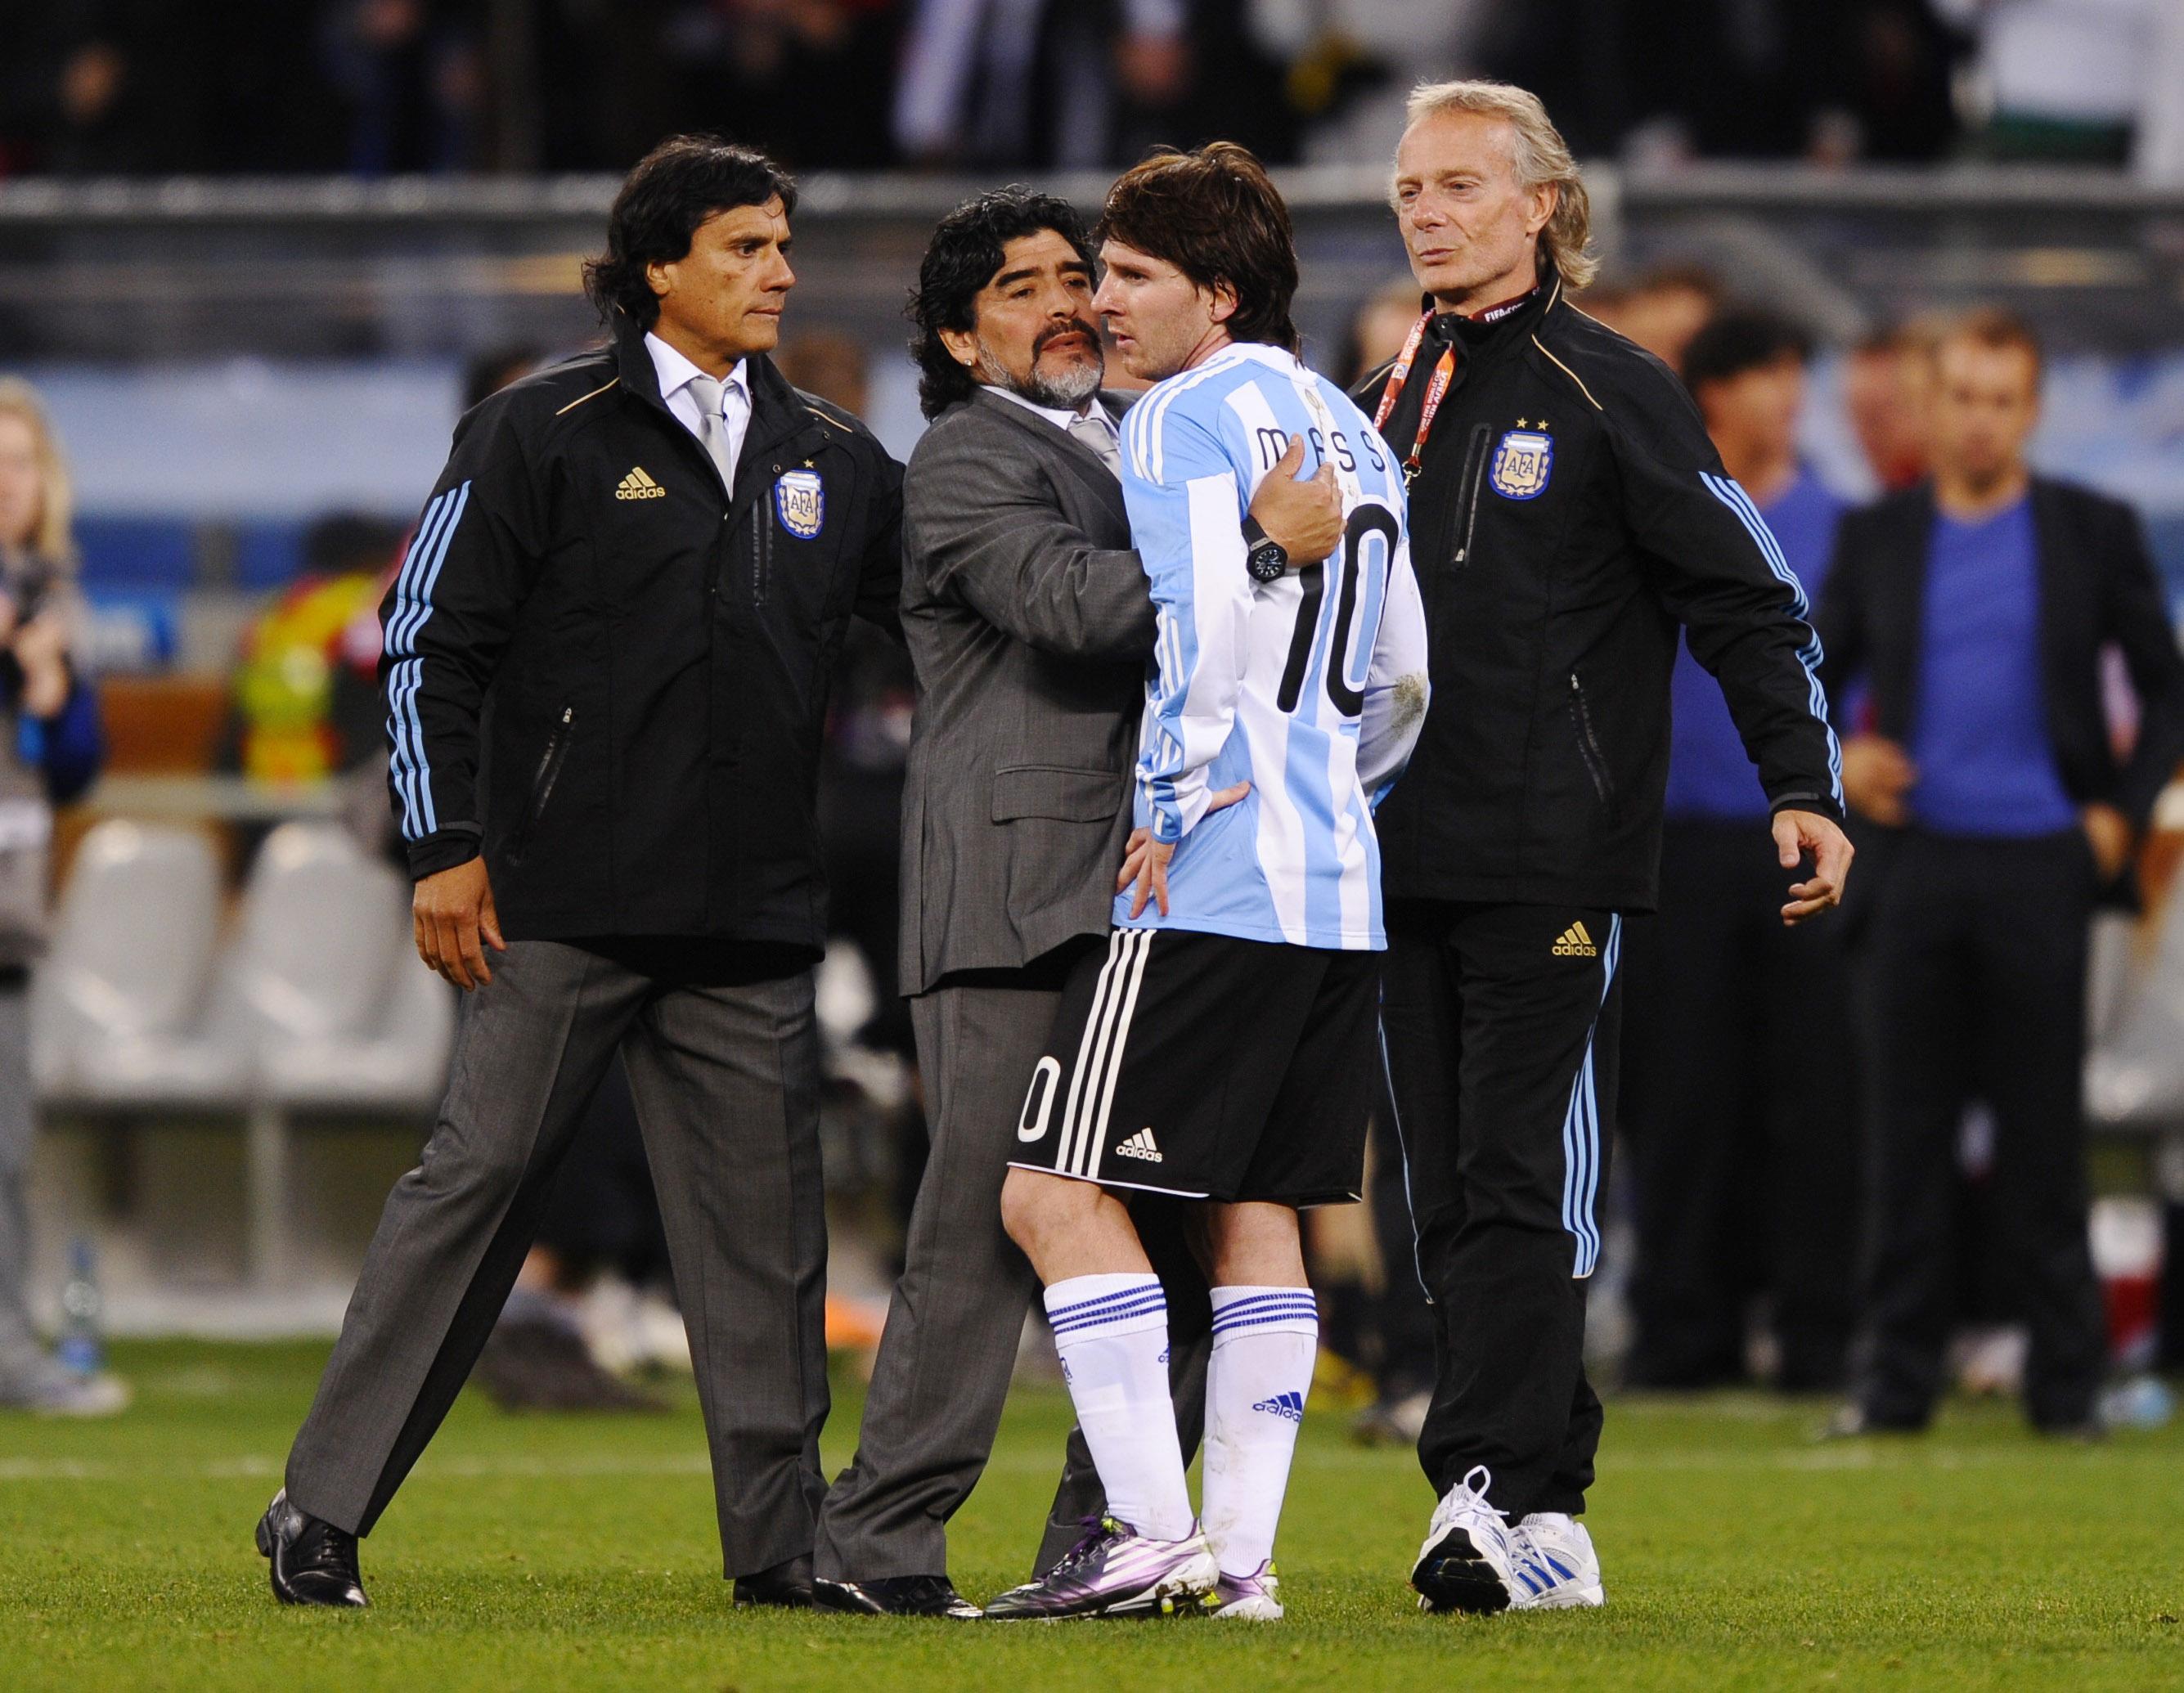 Kết quả hình ảnh cho Messi Maradona